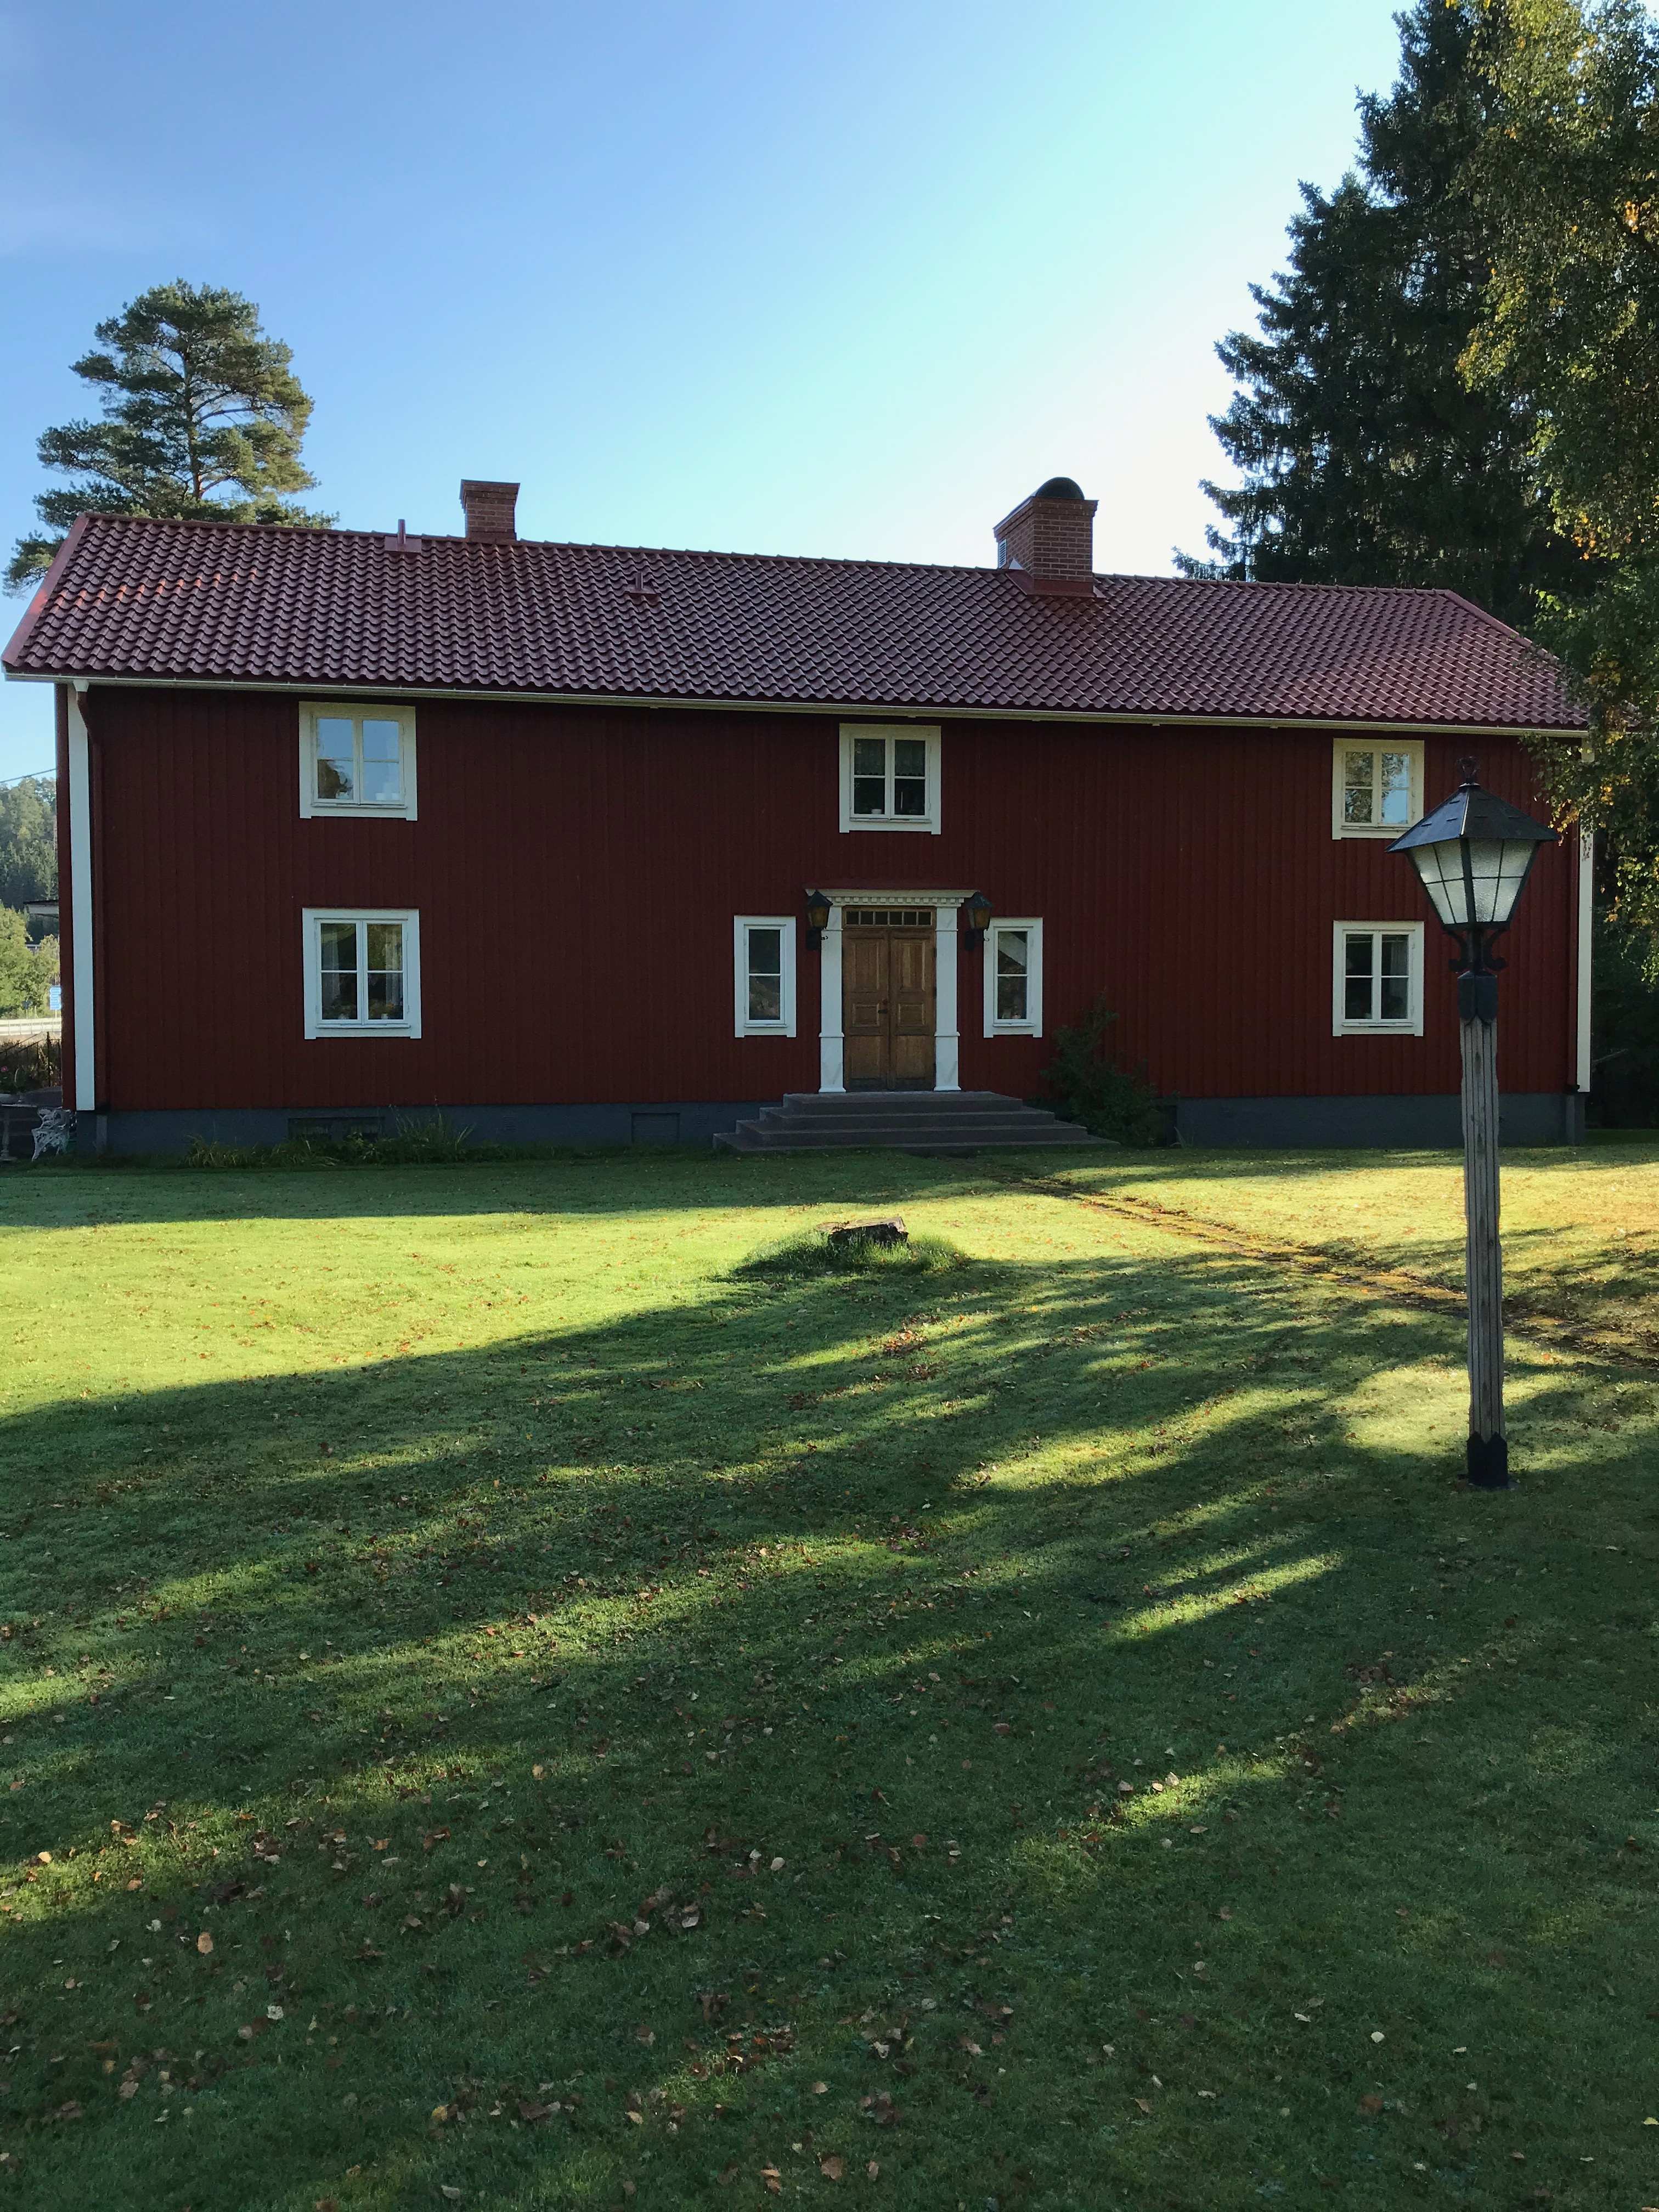 Sedan kom vi till 1700-talsgården Bona, som varit både gästgivaregård och tingsplats.